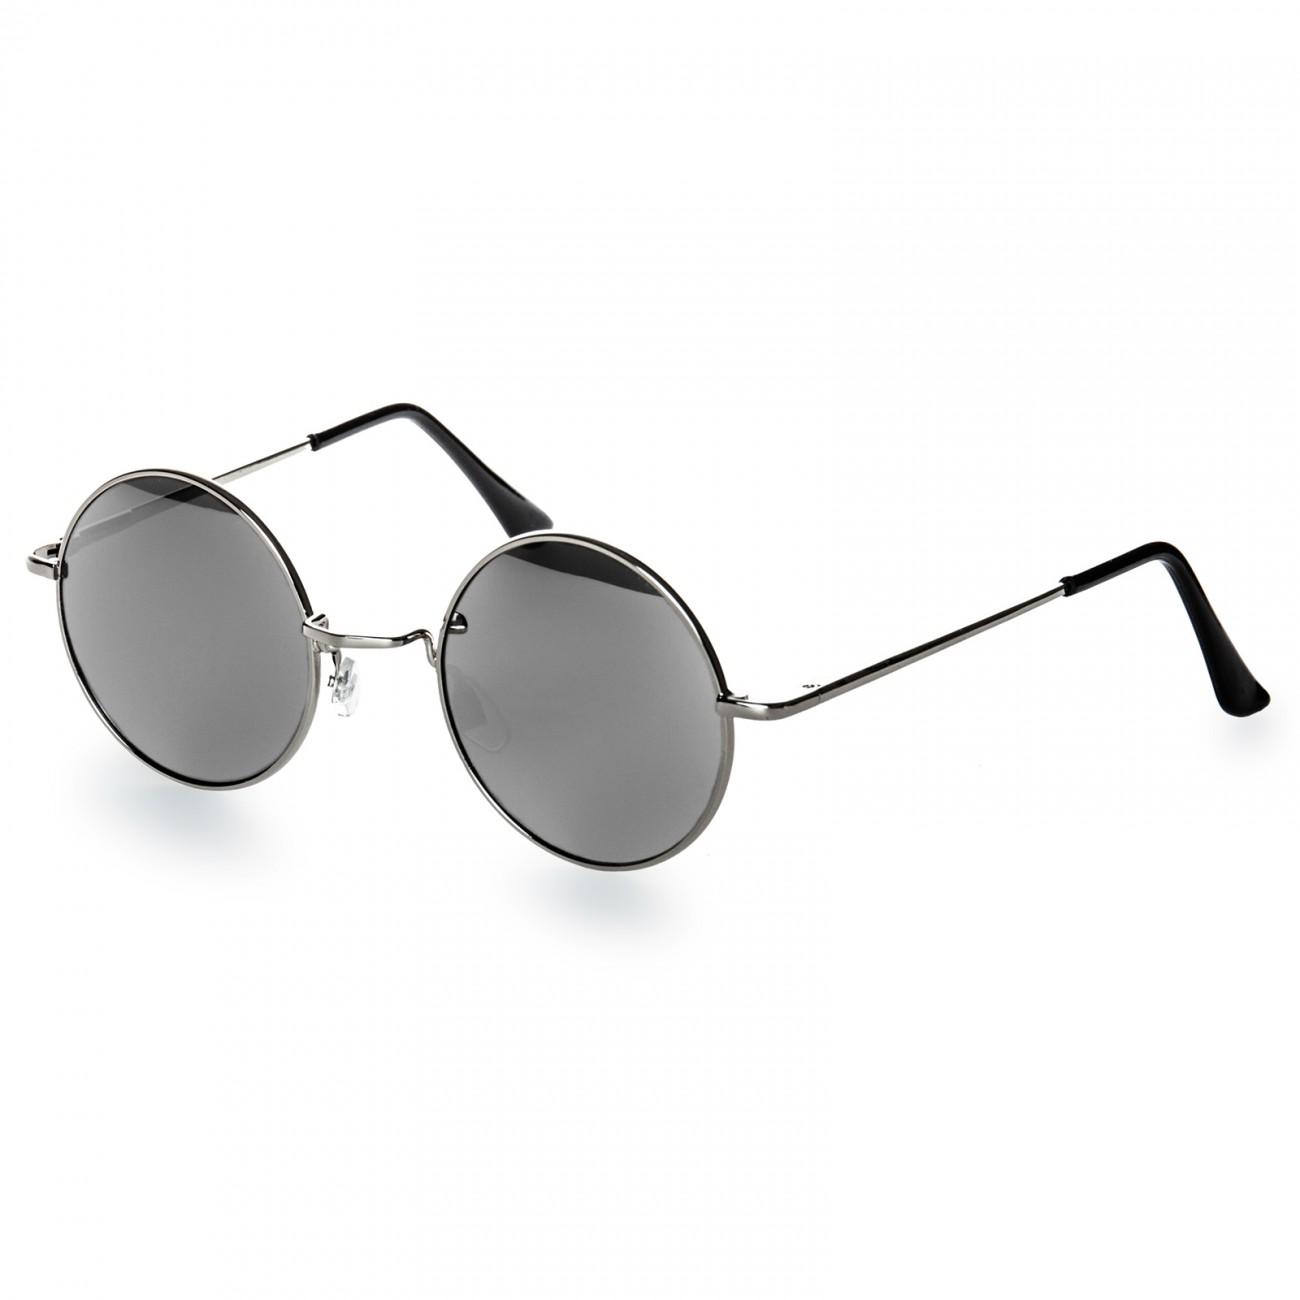 Caspar sg039 unisex classic retro sonnenbrille for Cuisinier lunettes rondes